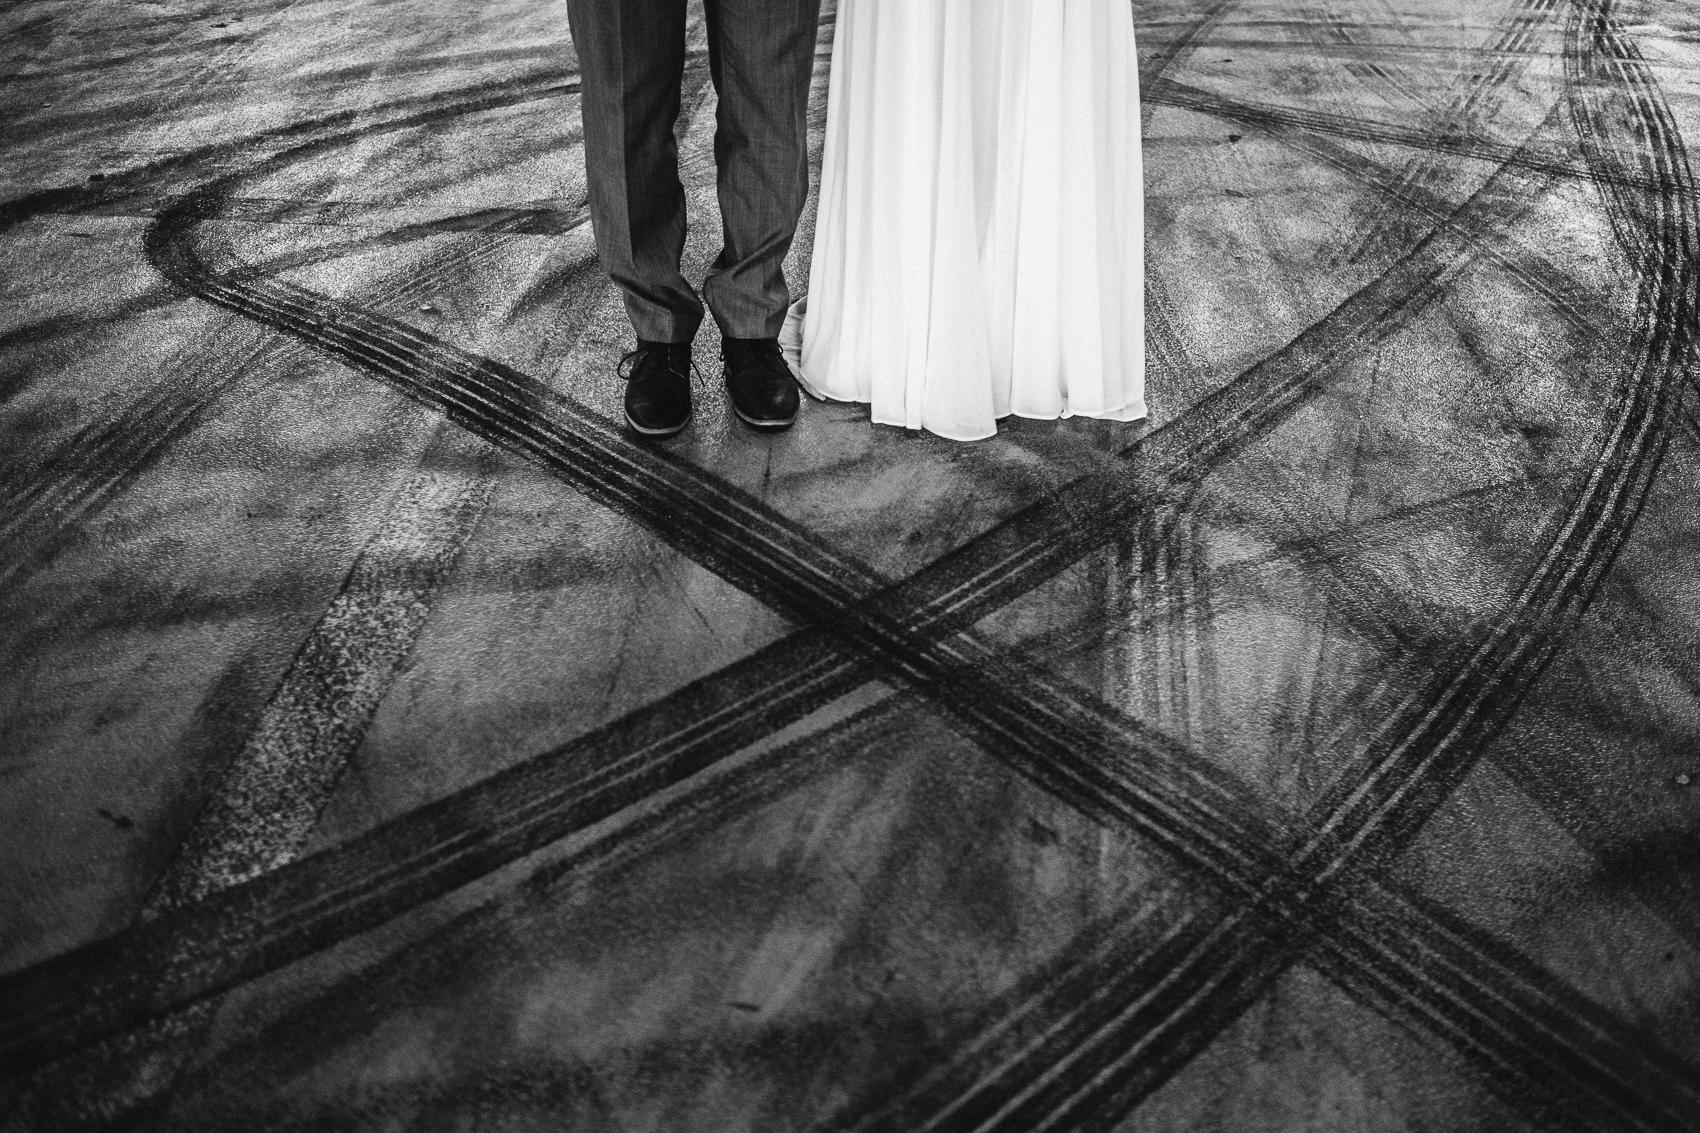 iso800 - huwelijksfotograaf Laura en Gijs Antwerpen-36.jpg